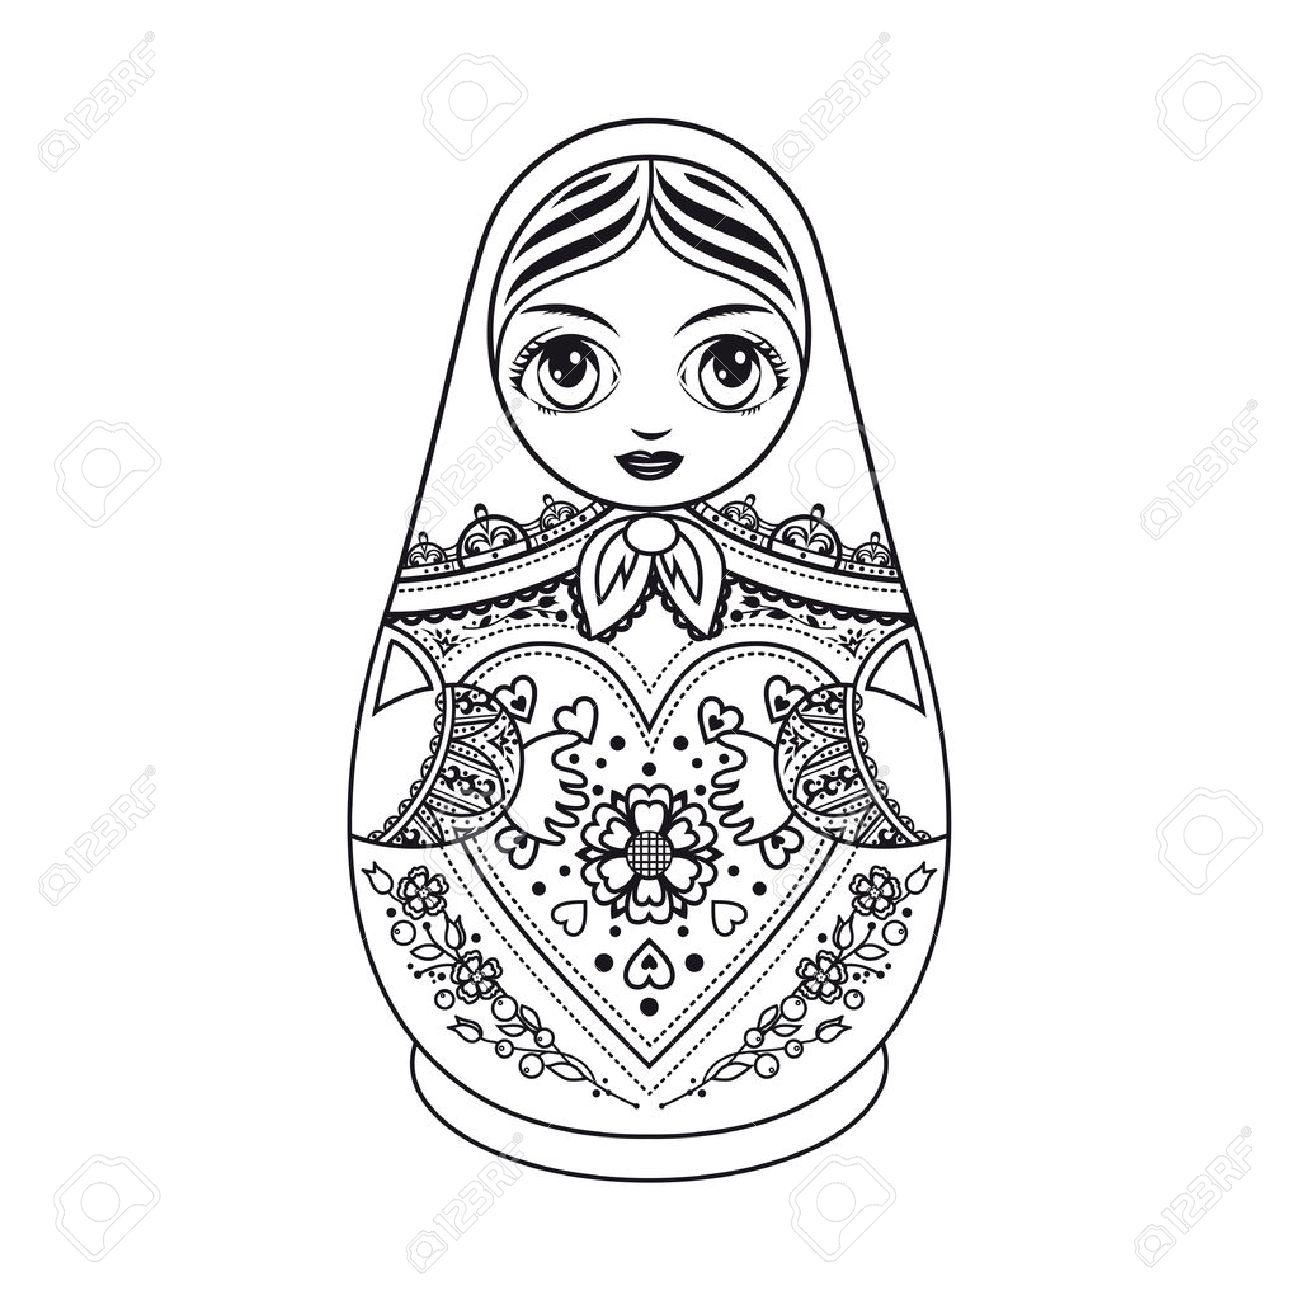 1300x1300 Matryoshka. Russian Folk Nesting Doll. Babushka Doll Royalty Free